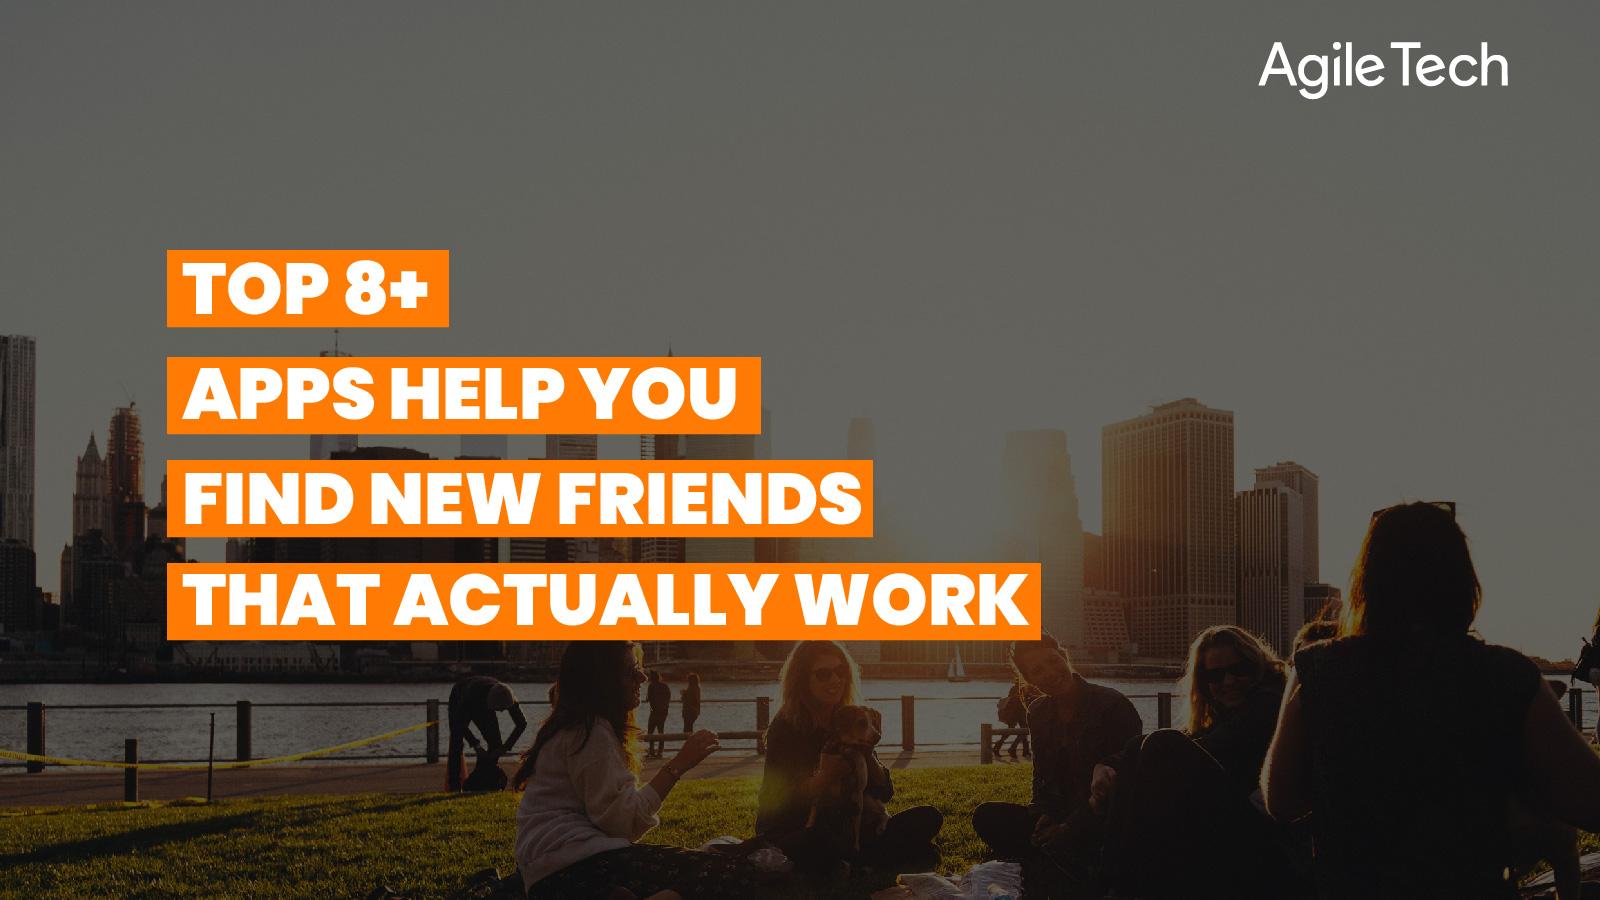 top friends making apps 2021, most popular friendship making app, agiletech